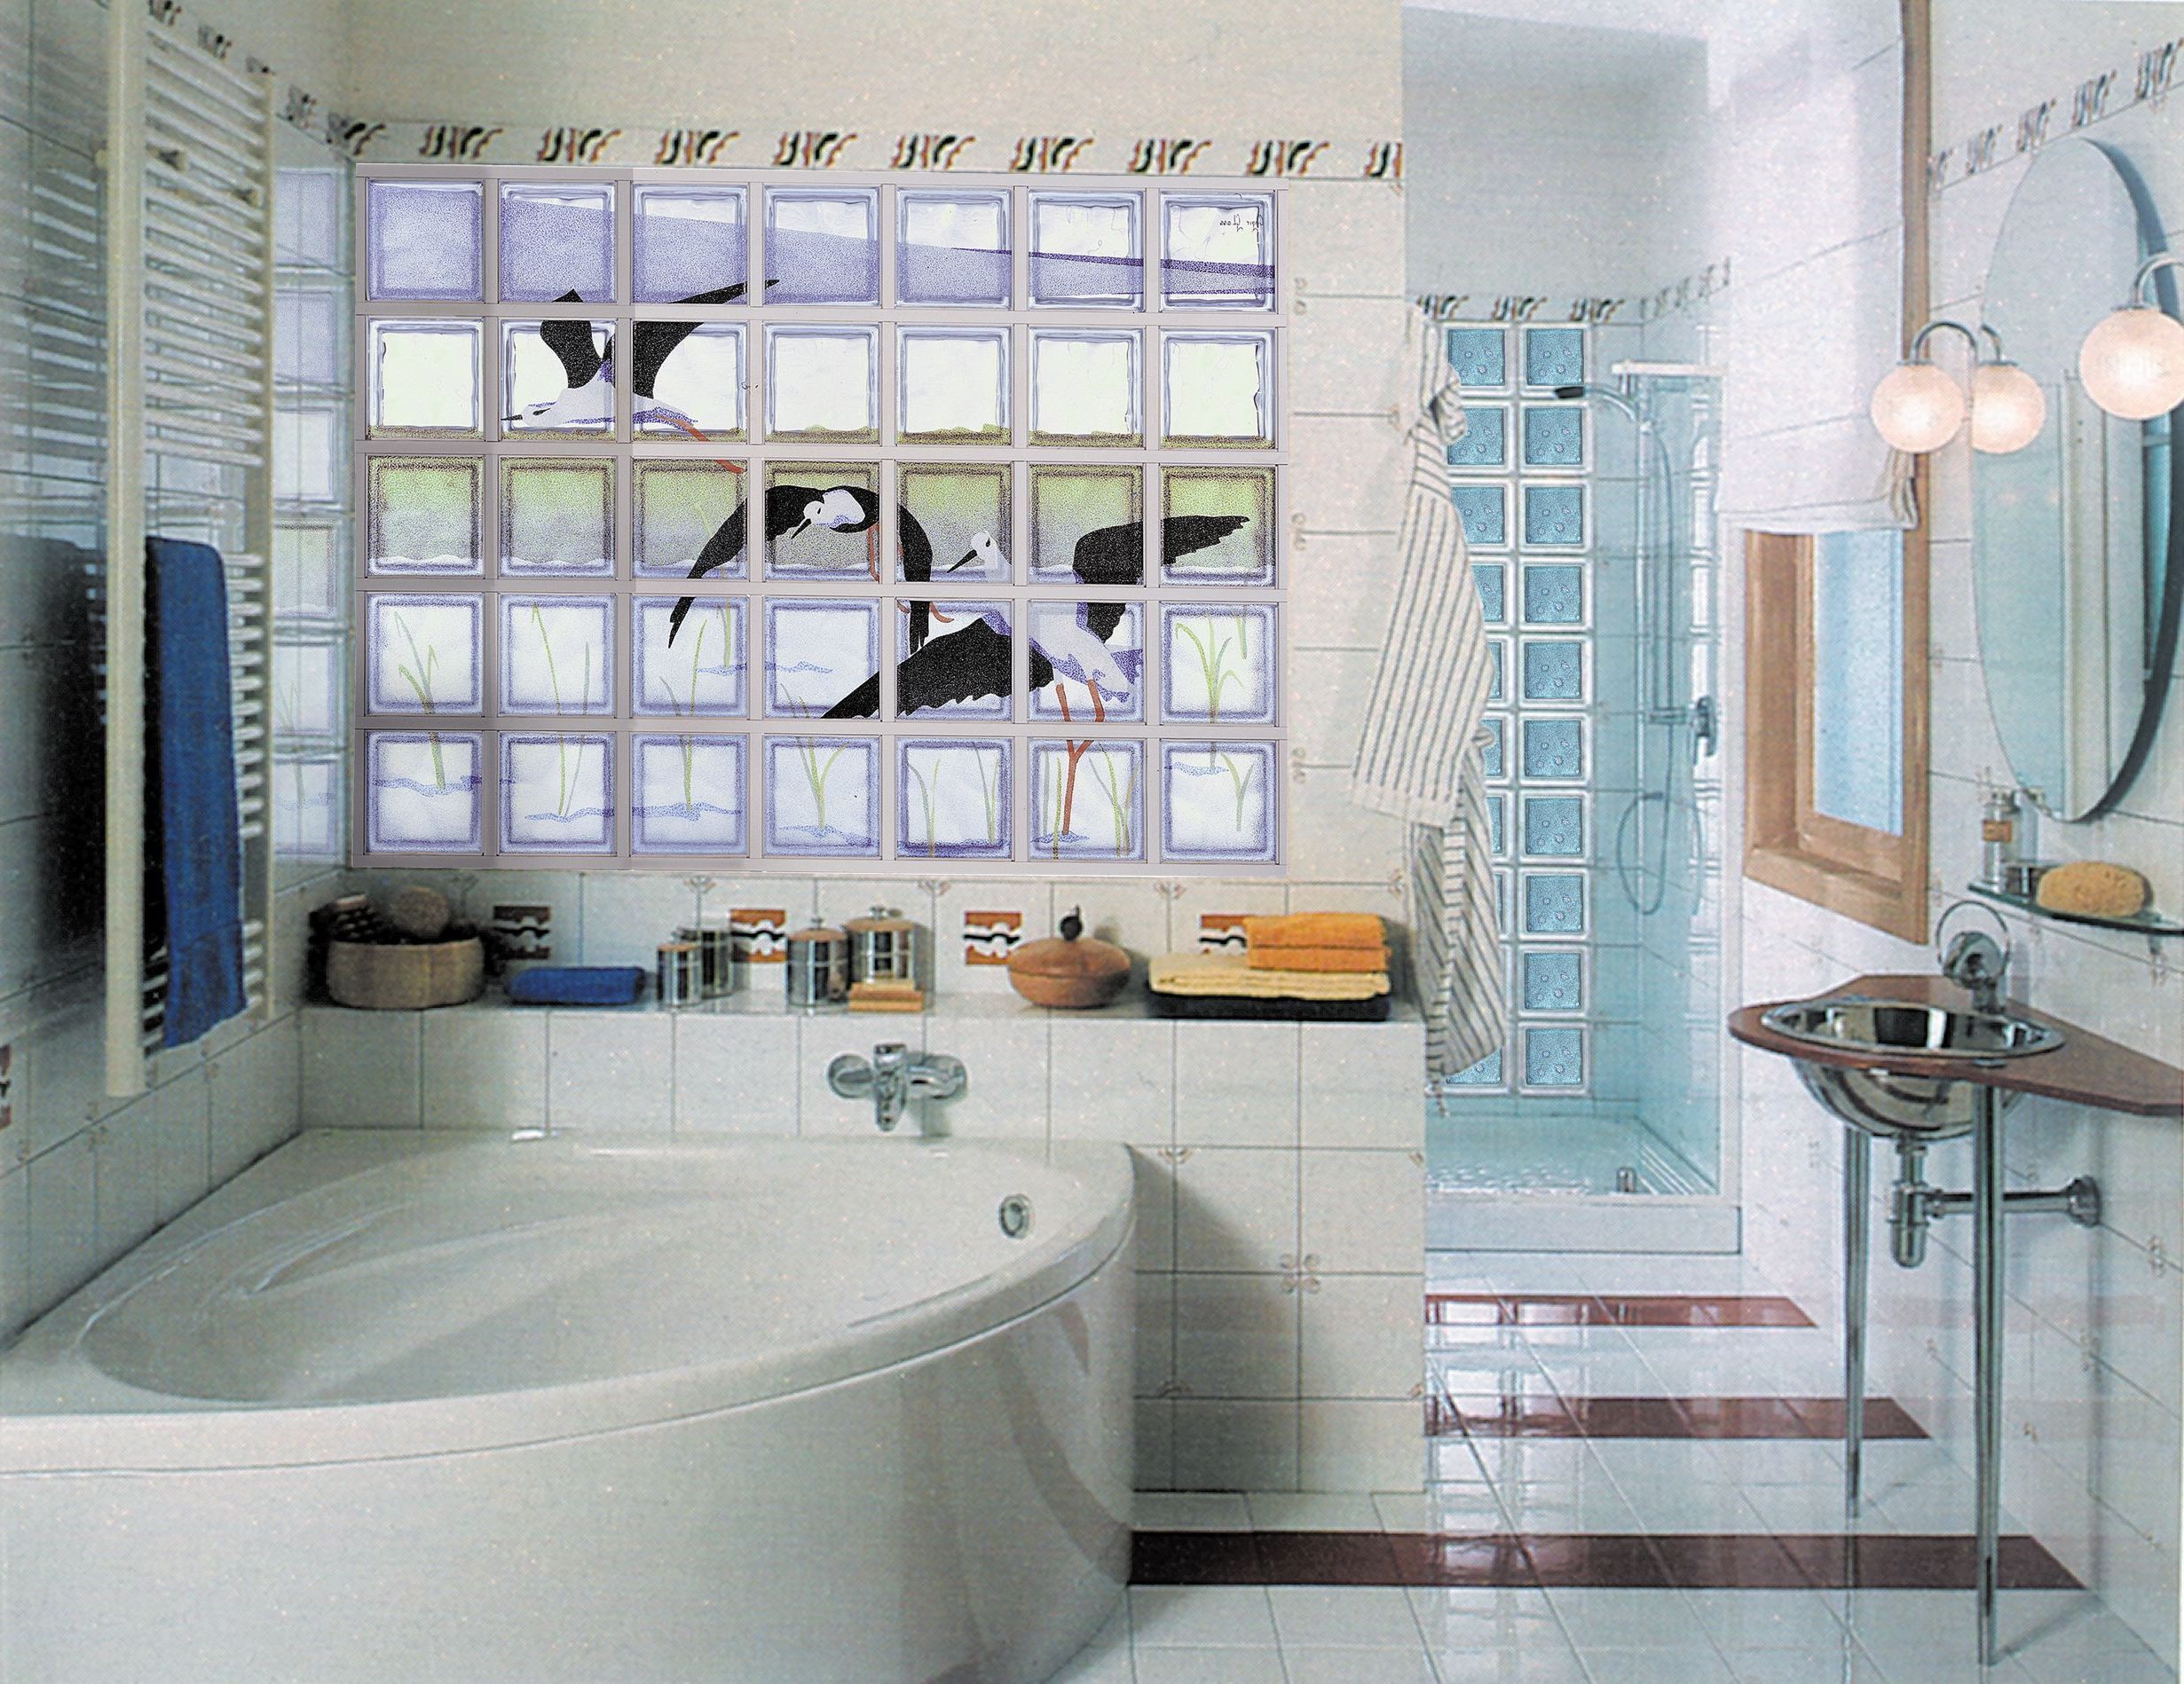 Best Kitchen Gallery: Related Image Utopian Graphics Pinterest Bathroom Windows of Glass Block Bathroom Designs  on rachelxblog.com